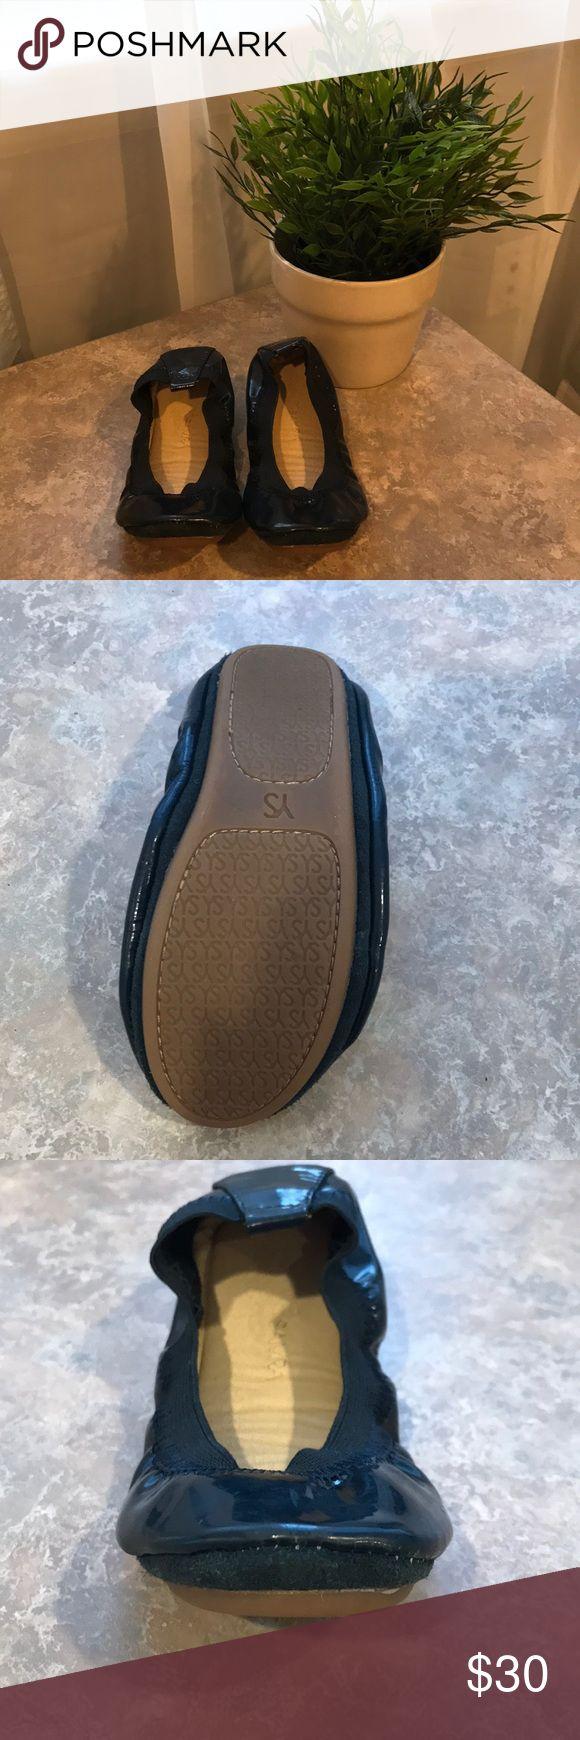 Yosi Samra toddler size 11 navy patent shoe Yosi Samra toddler size 11 navy patent shoe in great condition.  They were barely worn. Yosi Samra Shoes Dress Shoes